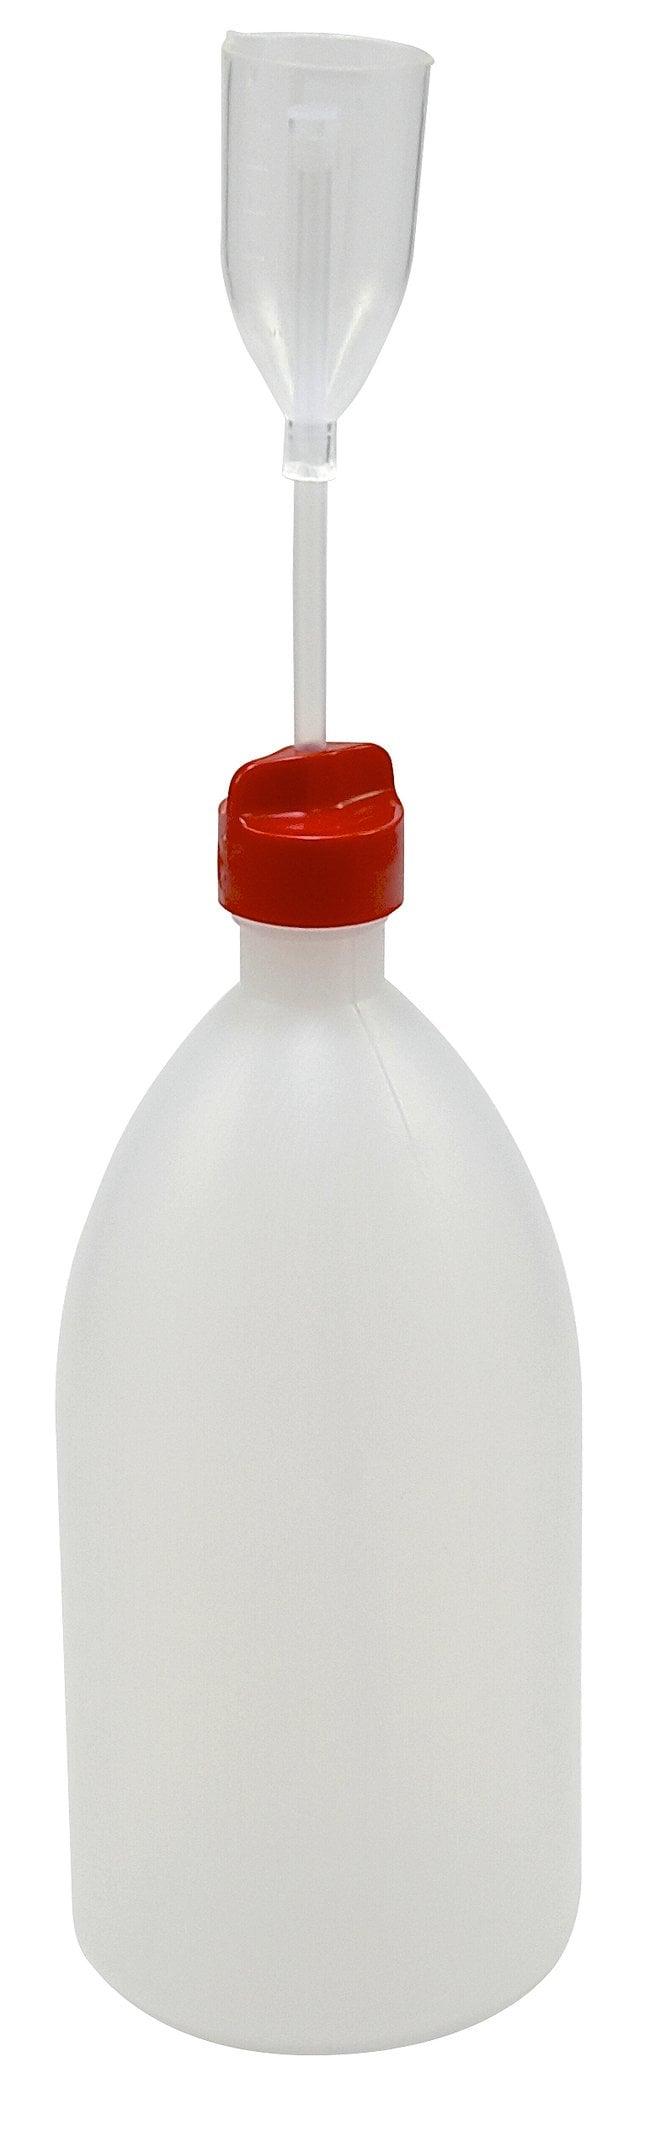 Fisherbrand™Adjustable Volume Dispenser Bottle LDPE/PMP